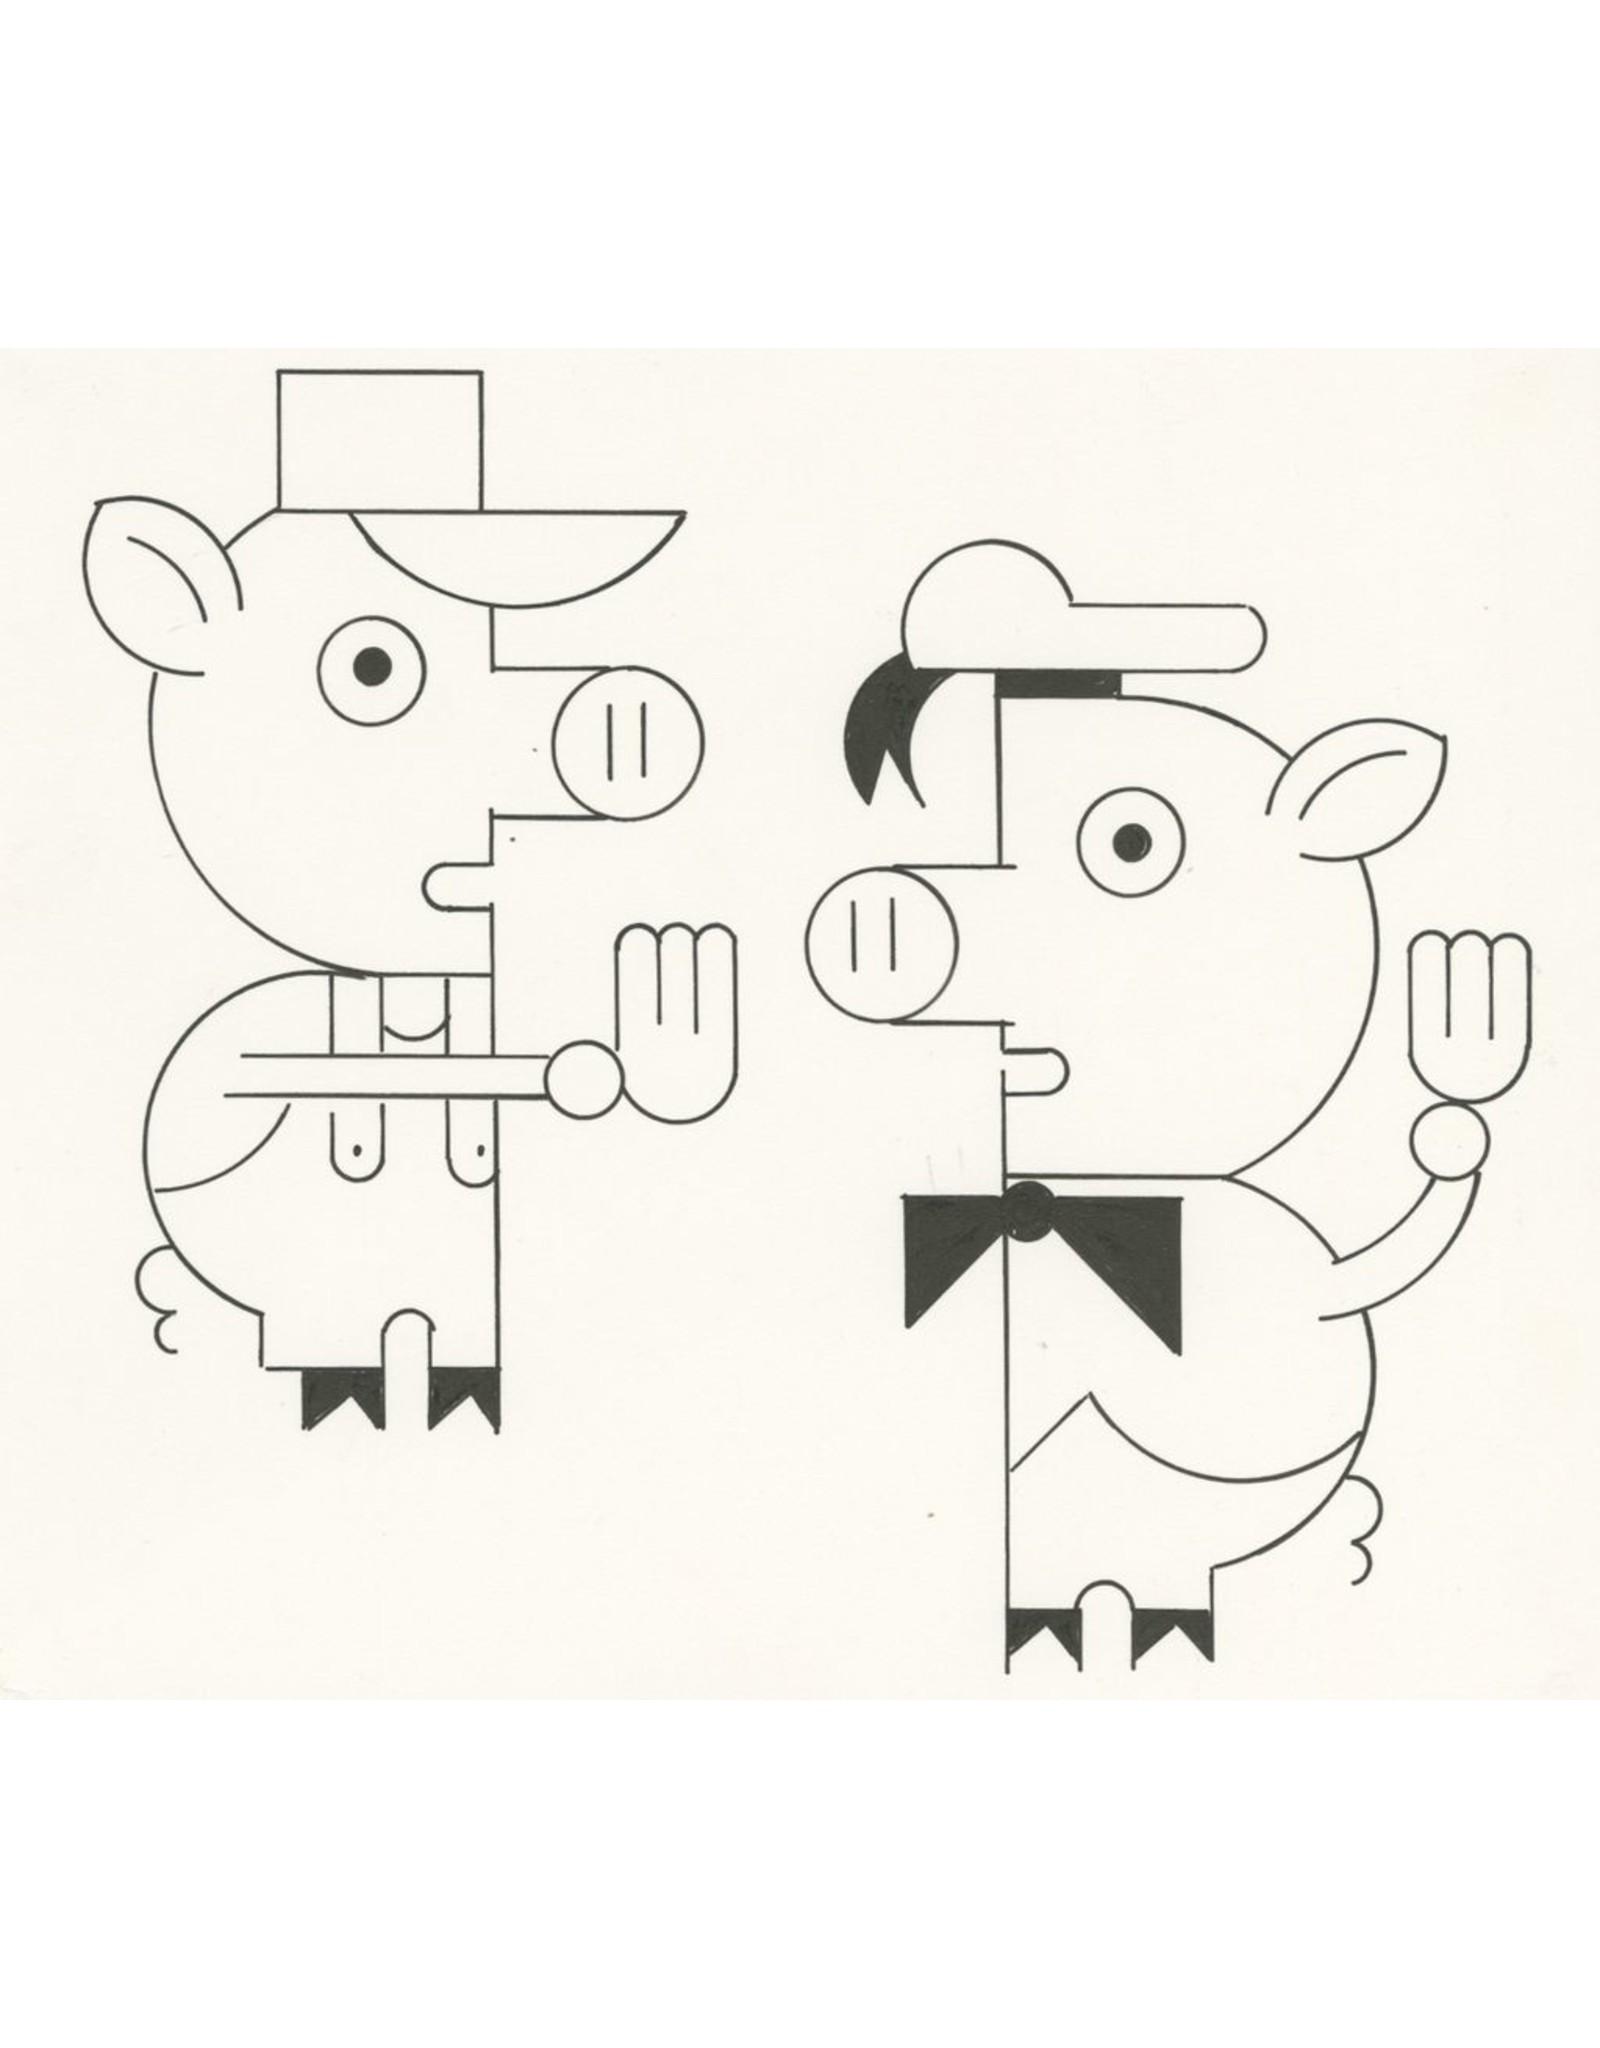 Ivan Brunetti Pigs, 2014, Illustration by Ivan Brunetti